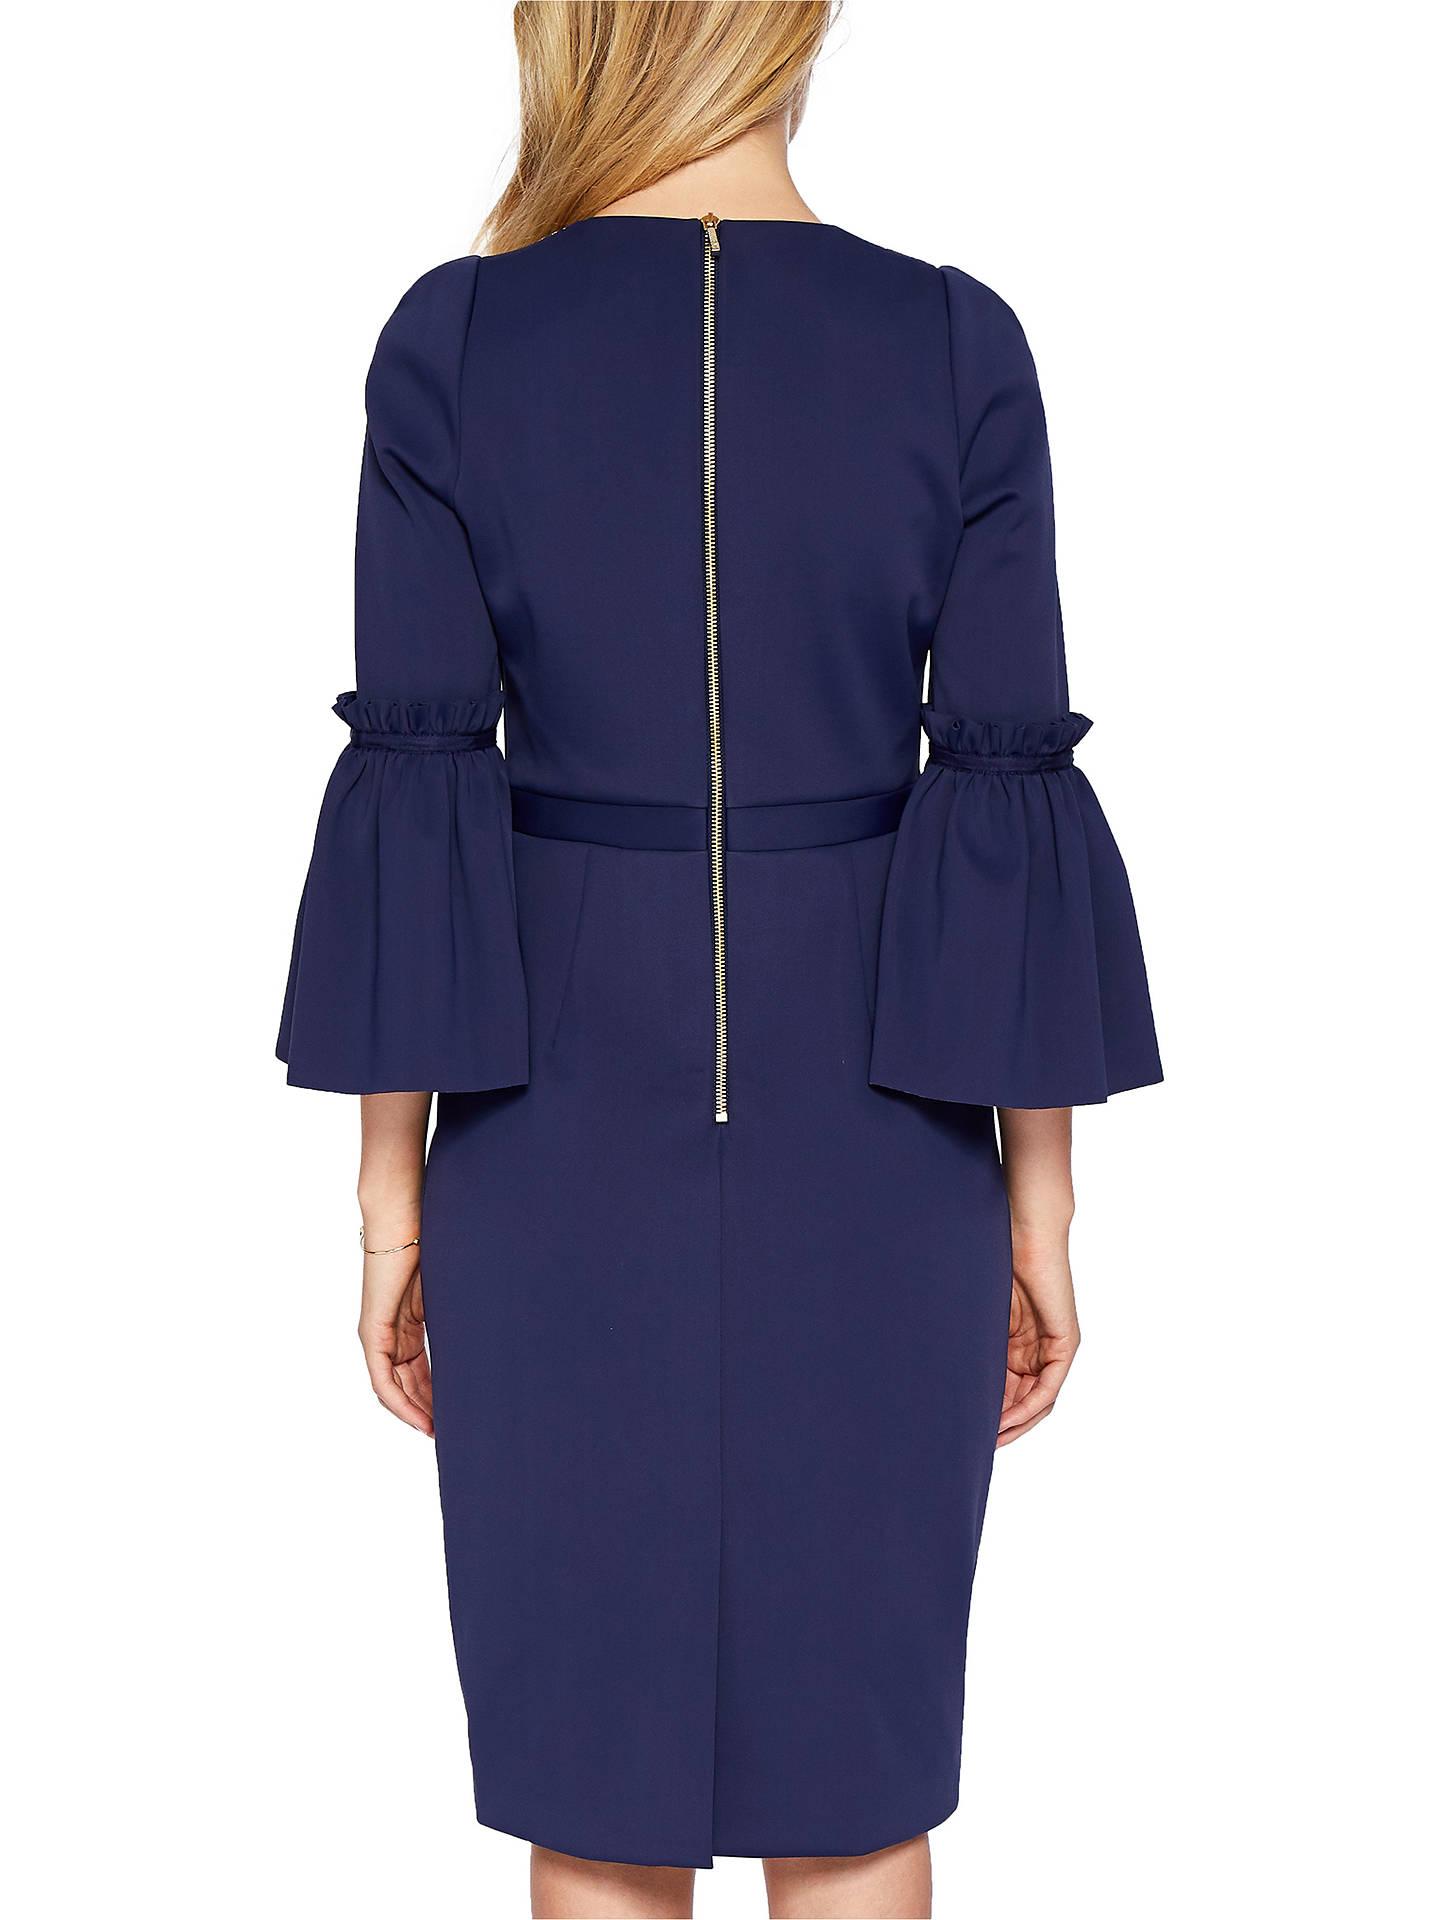 e73025ed1 ... Buy Ted Baker Jeeane Stardust Flute Sleeve Dress